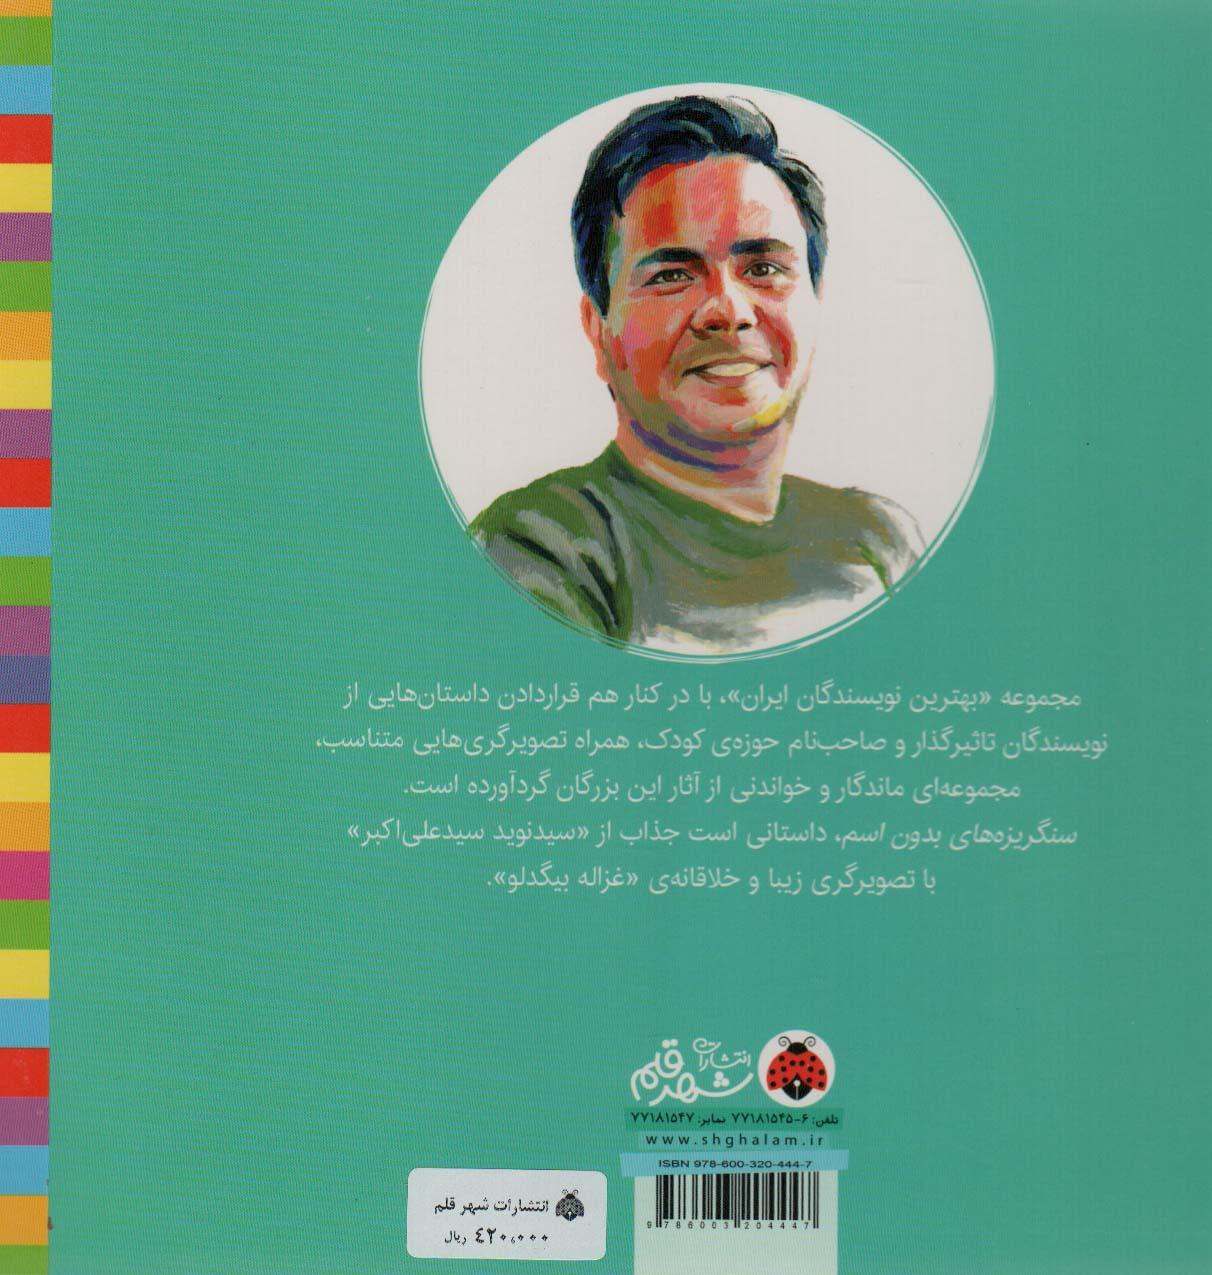 سنگریزه های بدون اسم (بهترین نویسندگان ایران)،(گلاسه)